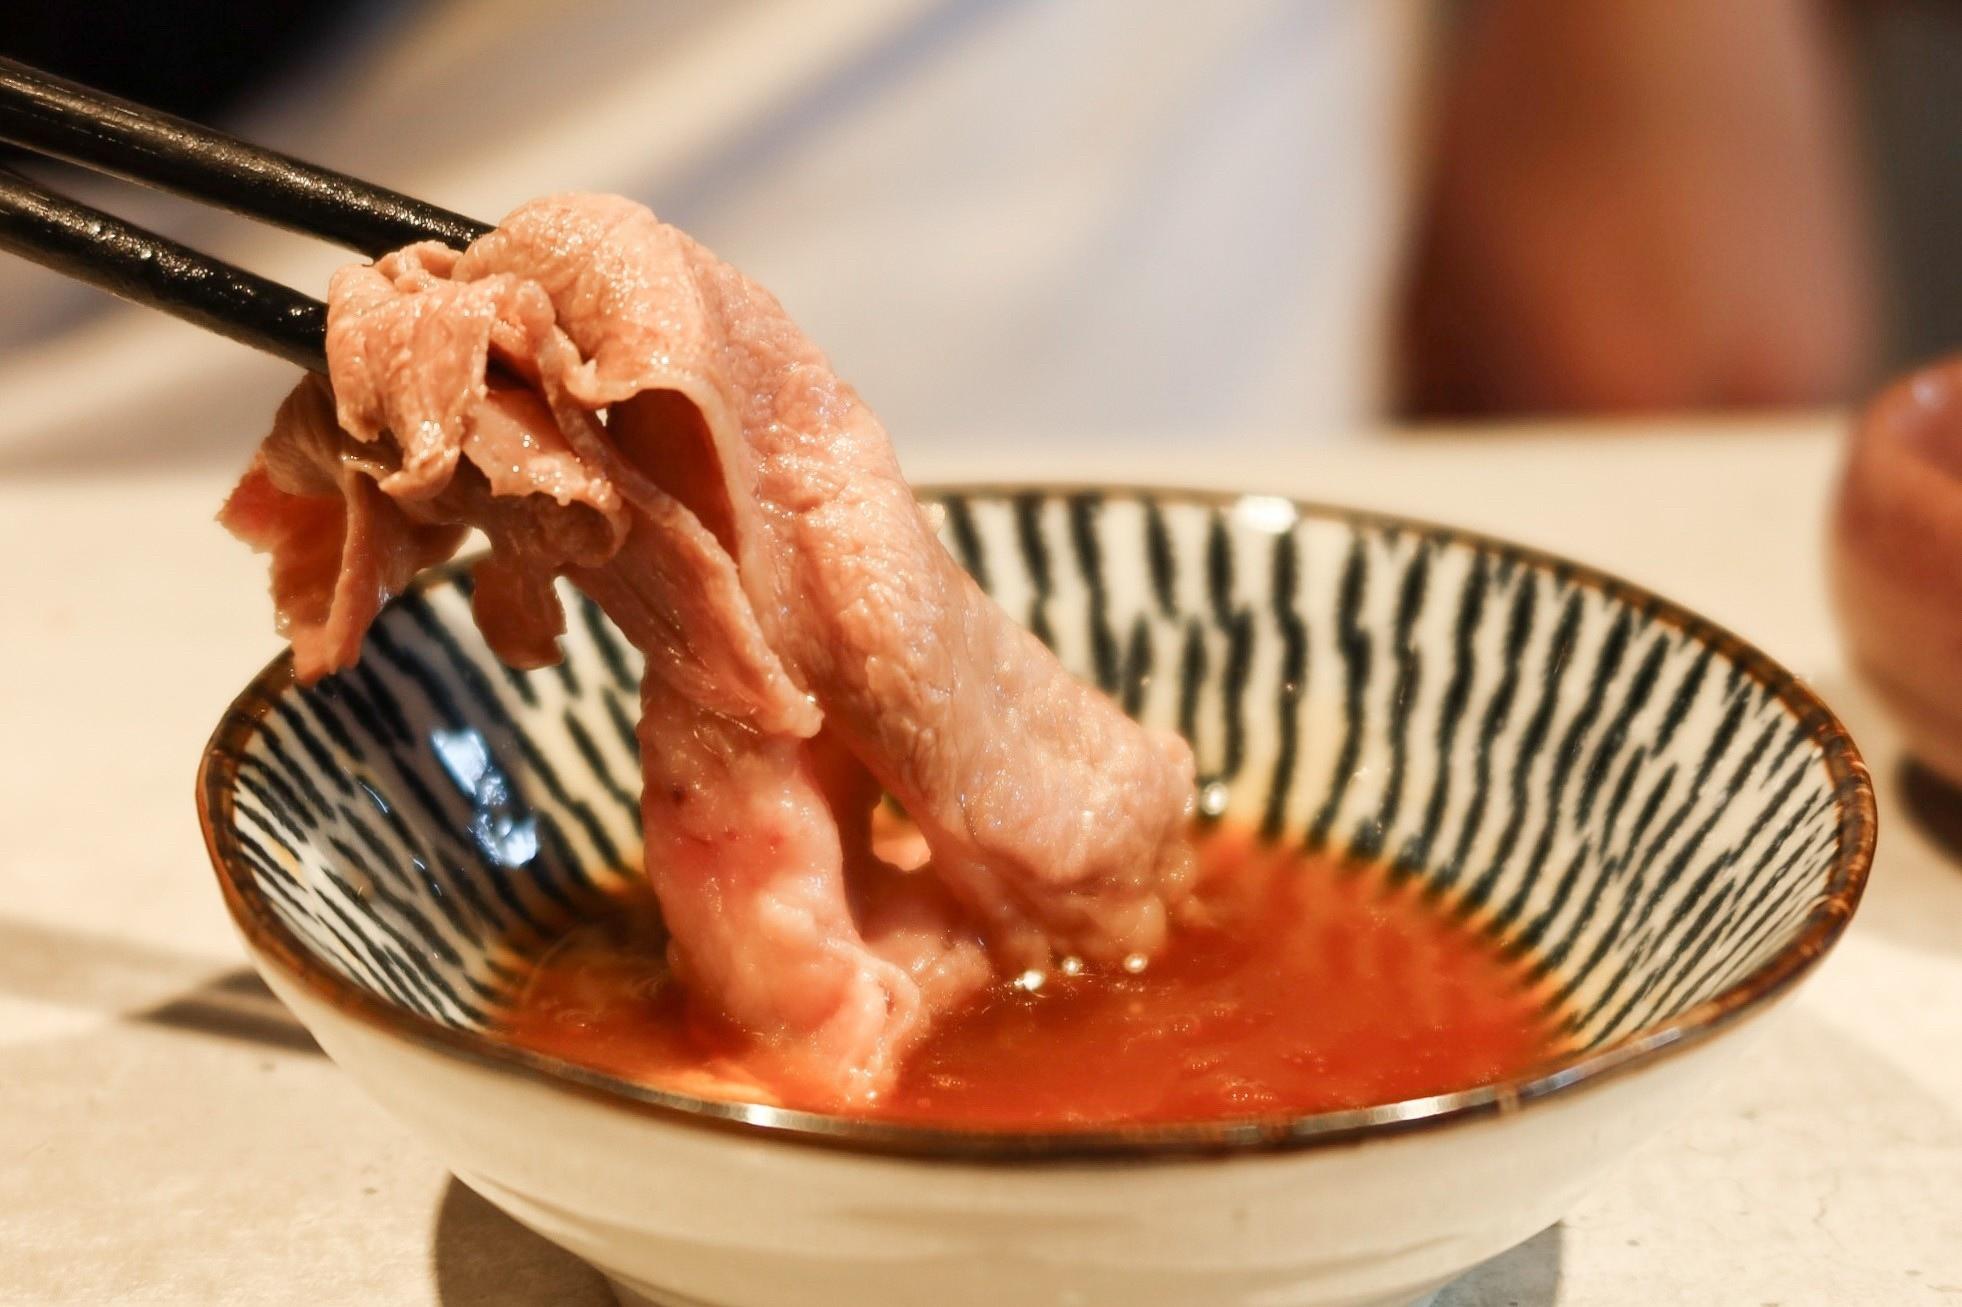 【新竹東區】山上走走無菜單料理│千元有找的日式海鮮精緻鍋物,頂級肉品與新鮮漁貨,還吃的到活體龍蝦、生食級天使紅蝦、A5黑毛和牛!